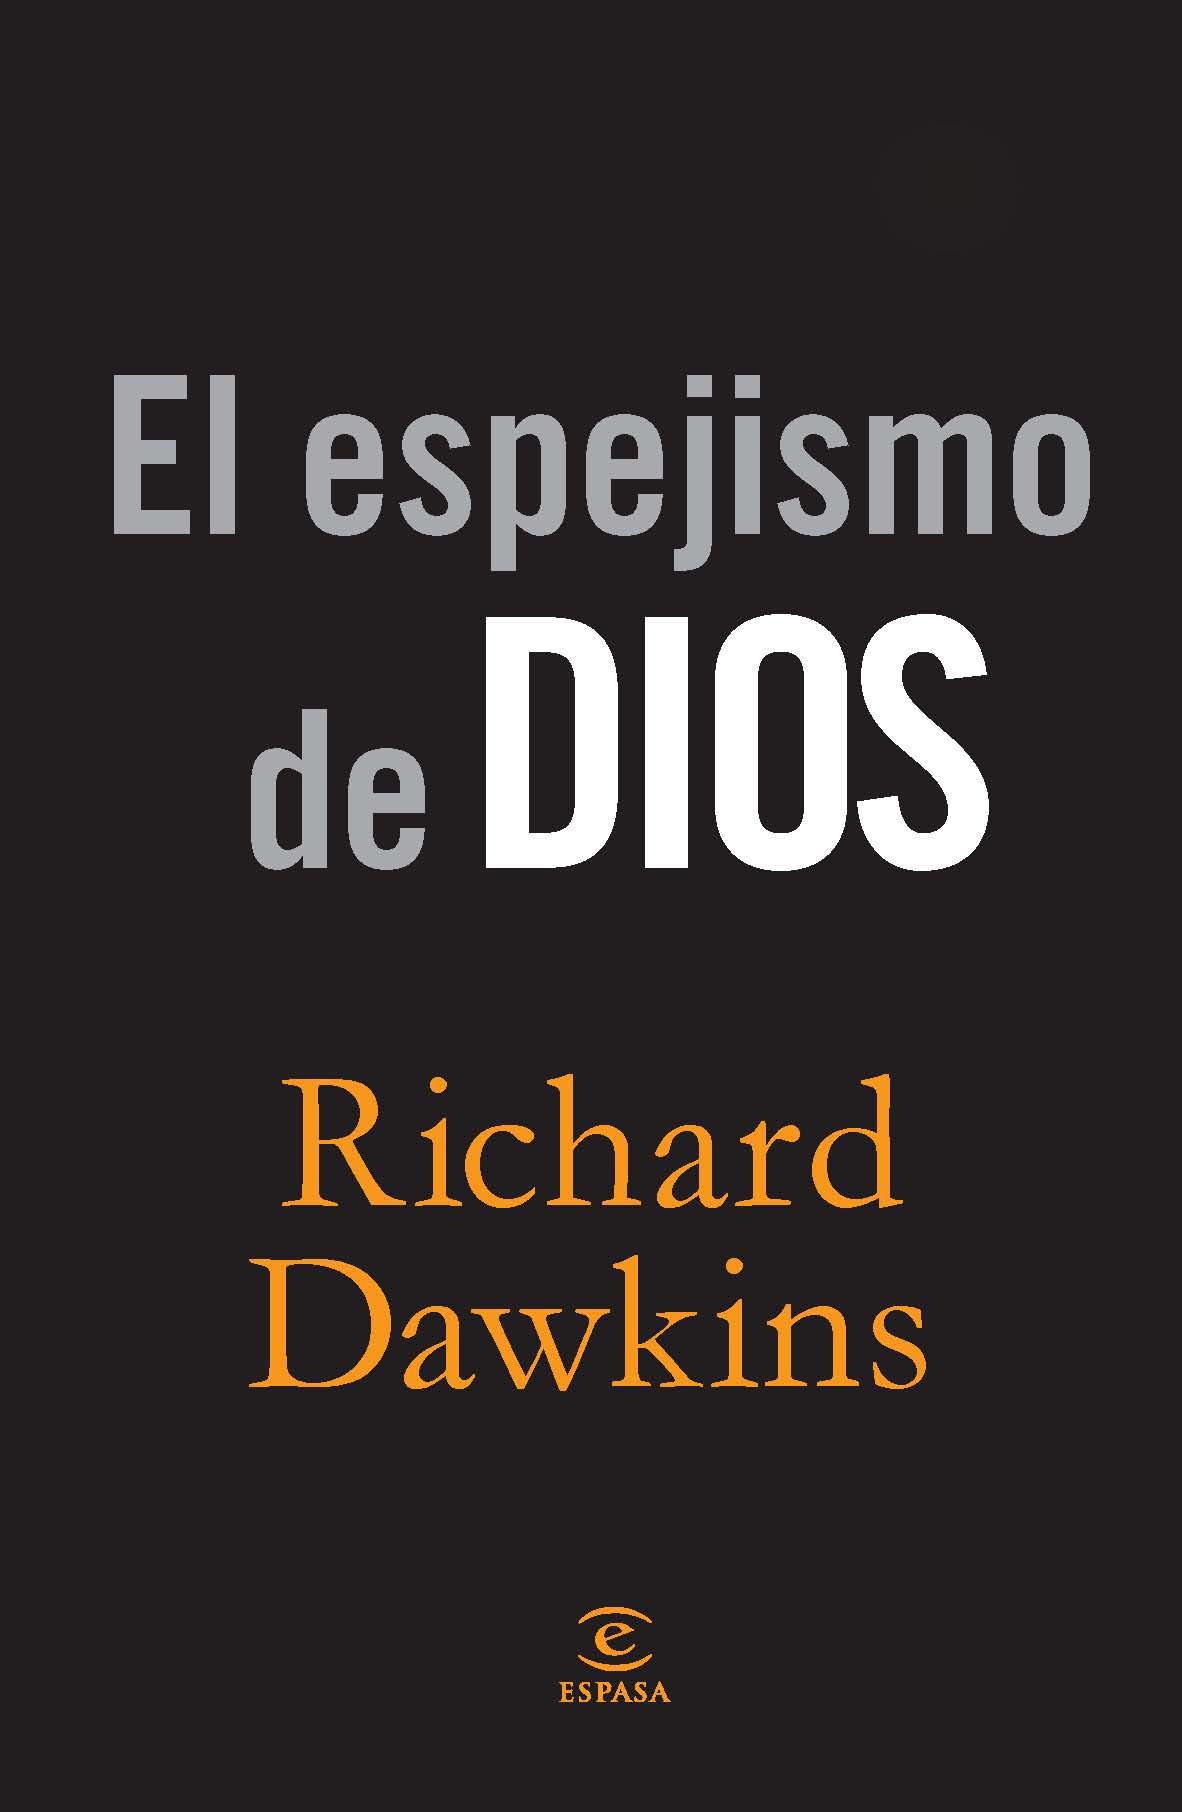 El espejismo de dios wikipedia la enciclopedia libre - El espejismo de dios ...